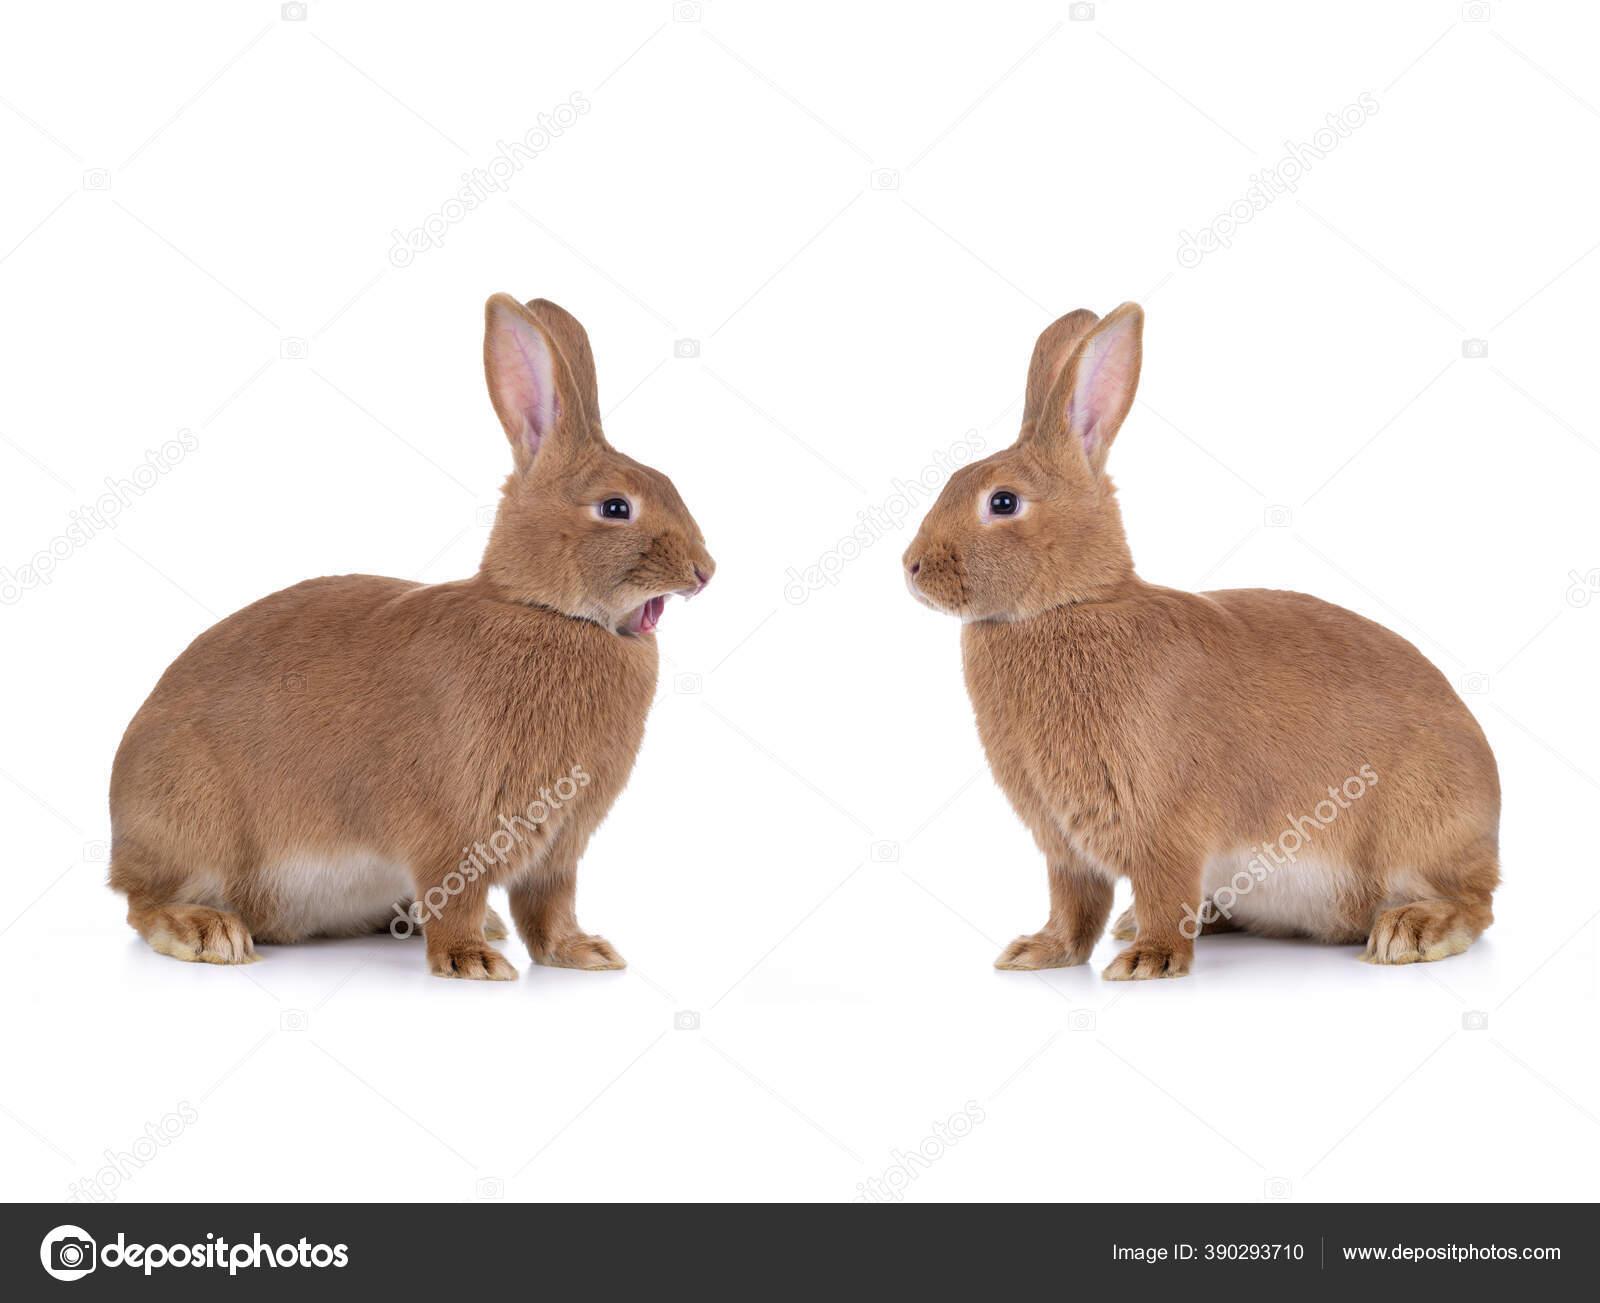 сама создала два кролика сидят друг на друге картинки относятся ленточным червям